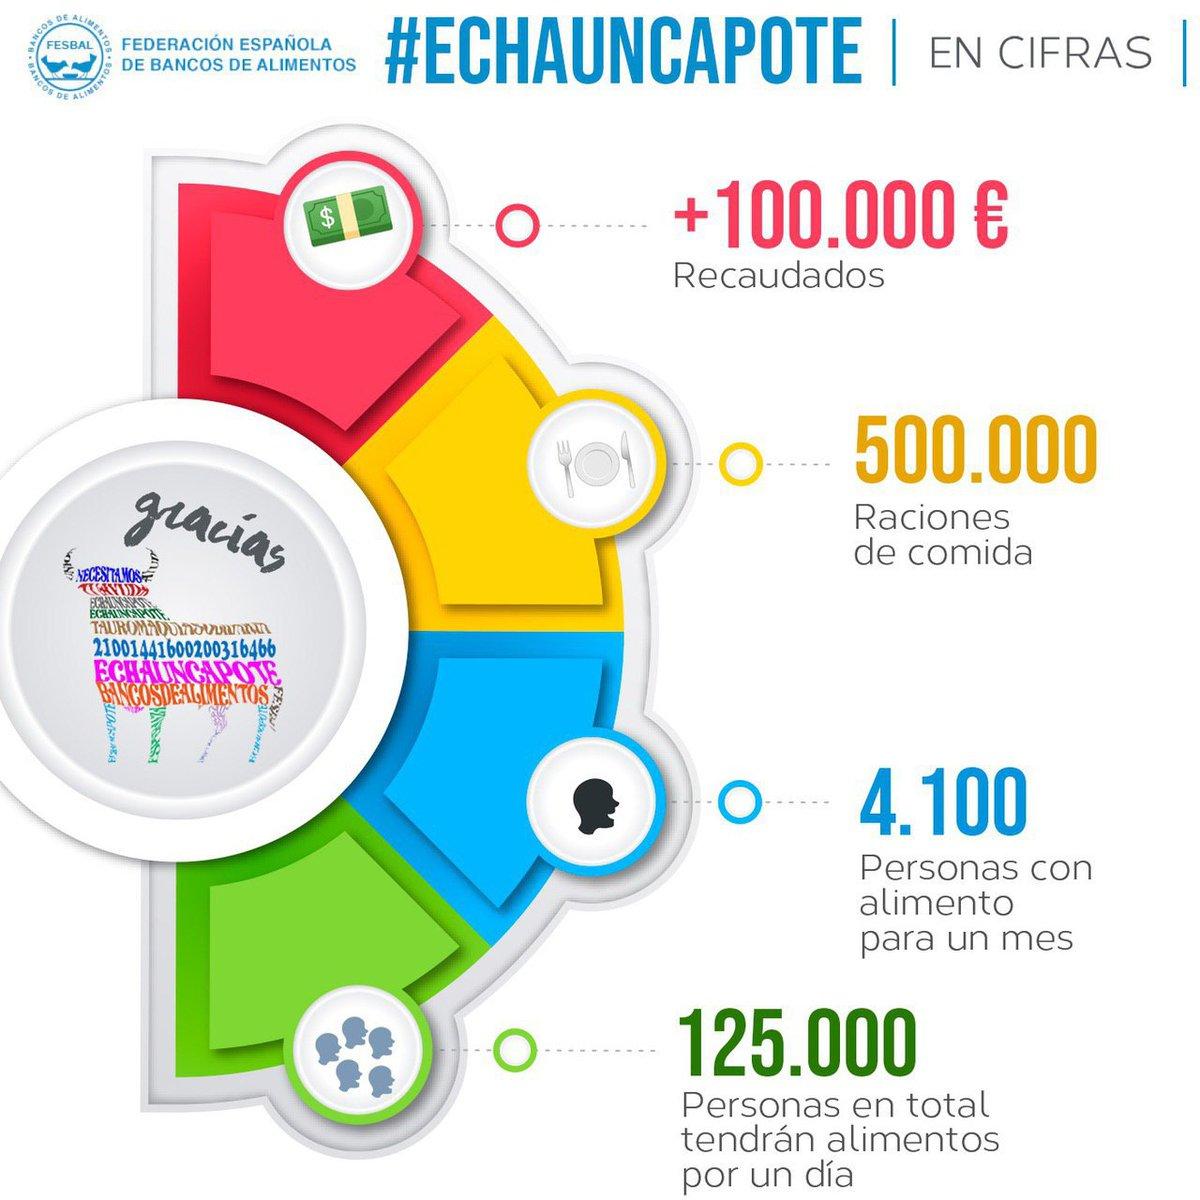 ¡Muchísimas gracias a todos los que habéis colaborado con la campaña #Echauncapote ! Medio millón de personas podrán comer gracias a vuestra solidaridad. ¡Entre todos lo conseguiremos! https://t.co/DqGZUgLJxT